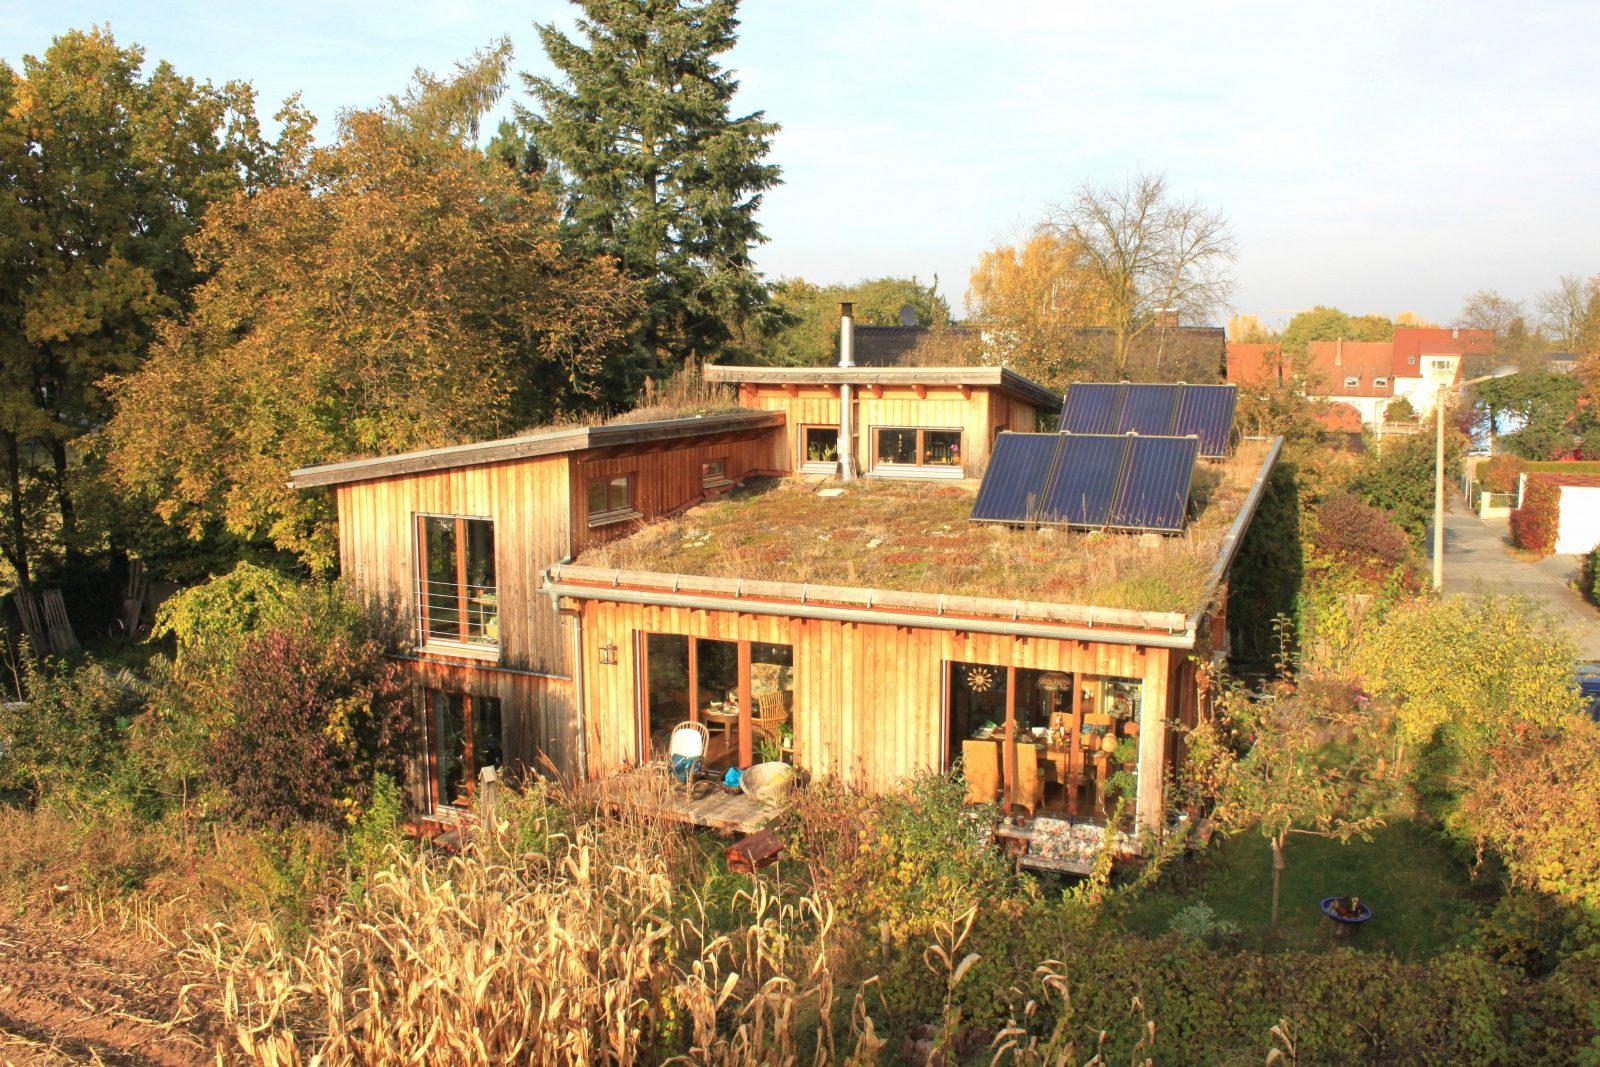 Stilvolle Holzhaus Selber Bauen Bauplan Blockhaus Selber Bauen von Holzhaus Zum Selber Bauen Photo